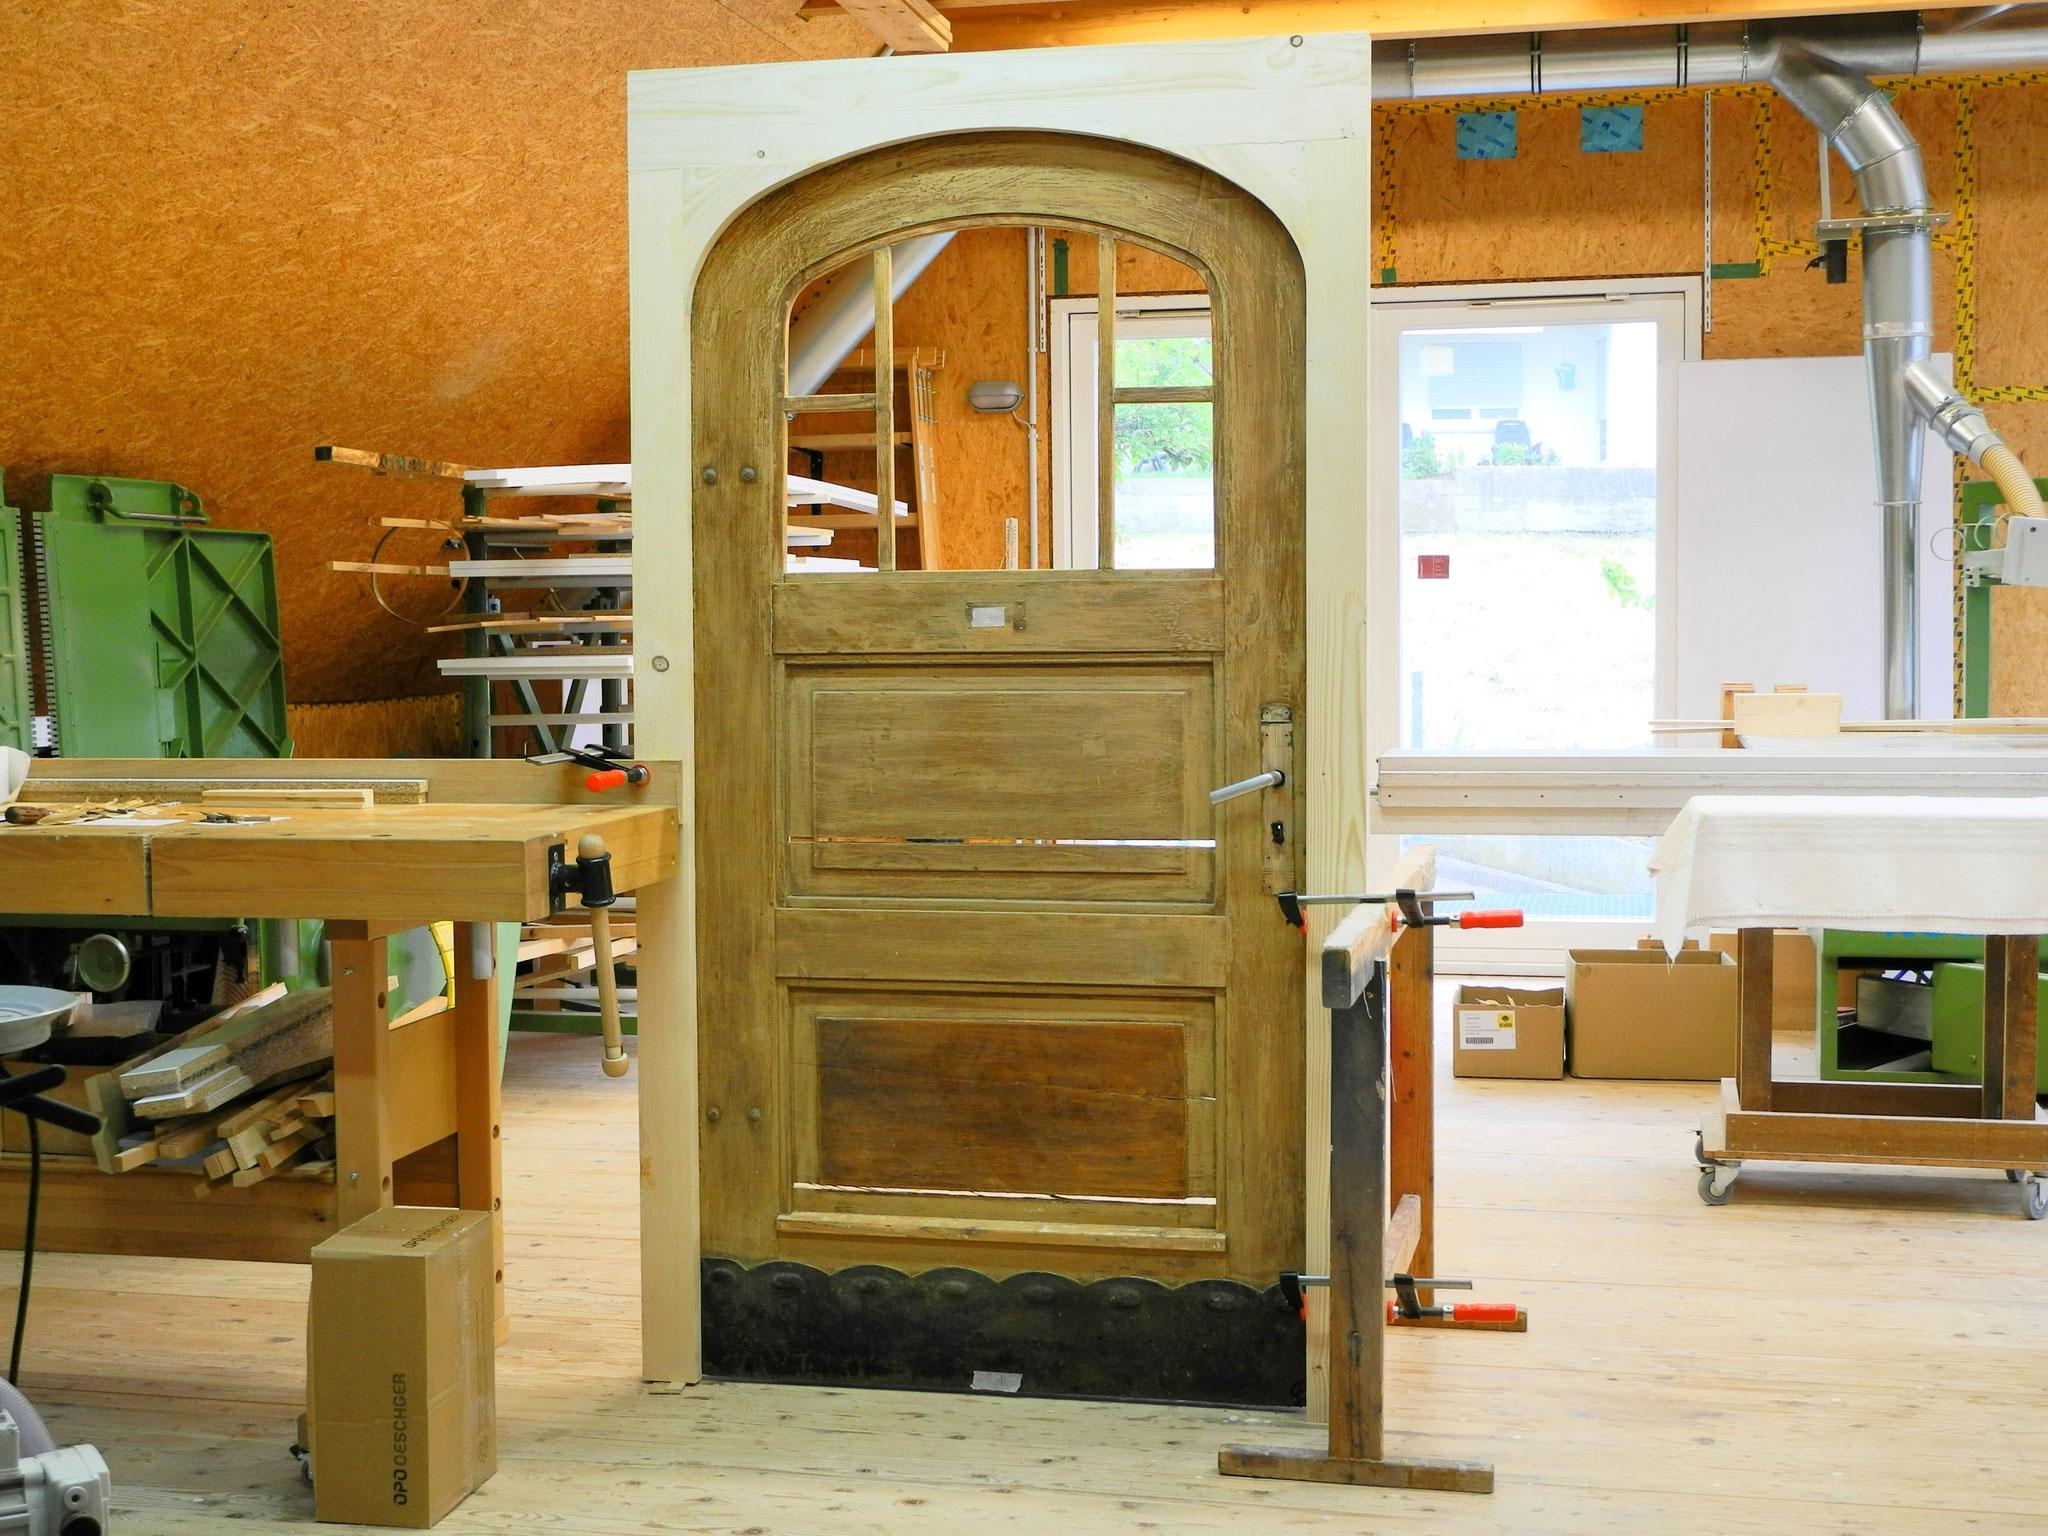 Türrahmen für eine bestehende Tür